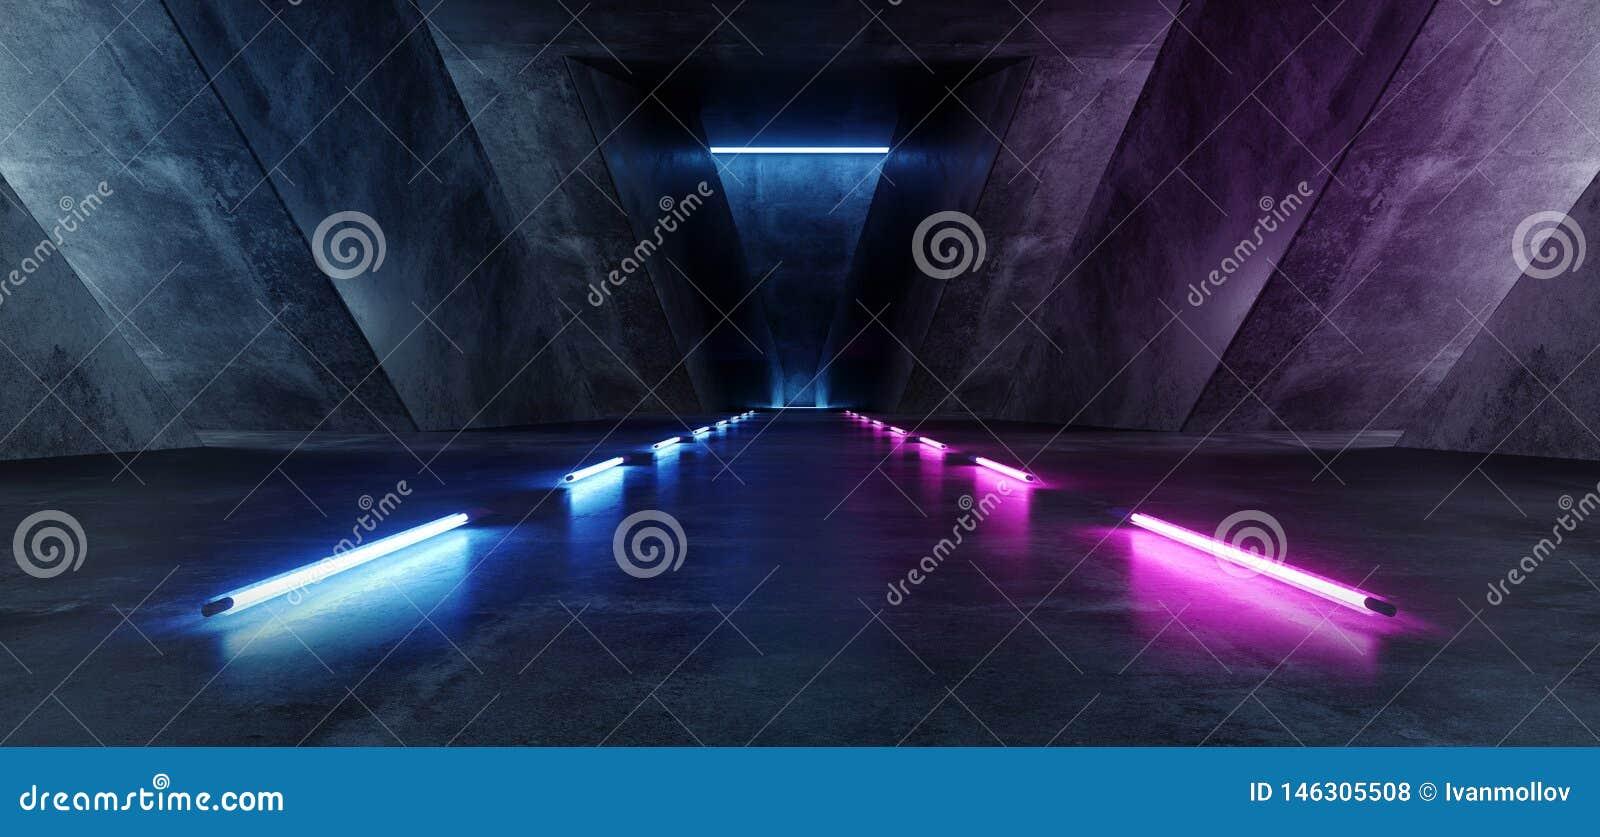 Virtuel futuriste bleu au néon de Violet Path Track Gate Entrance Sci fi de rose de Hall Corridor Background Glowing Purple de tr